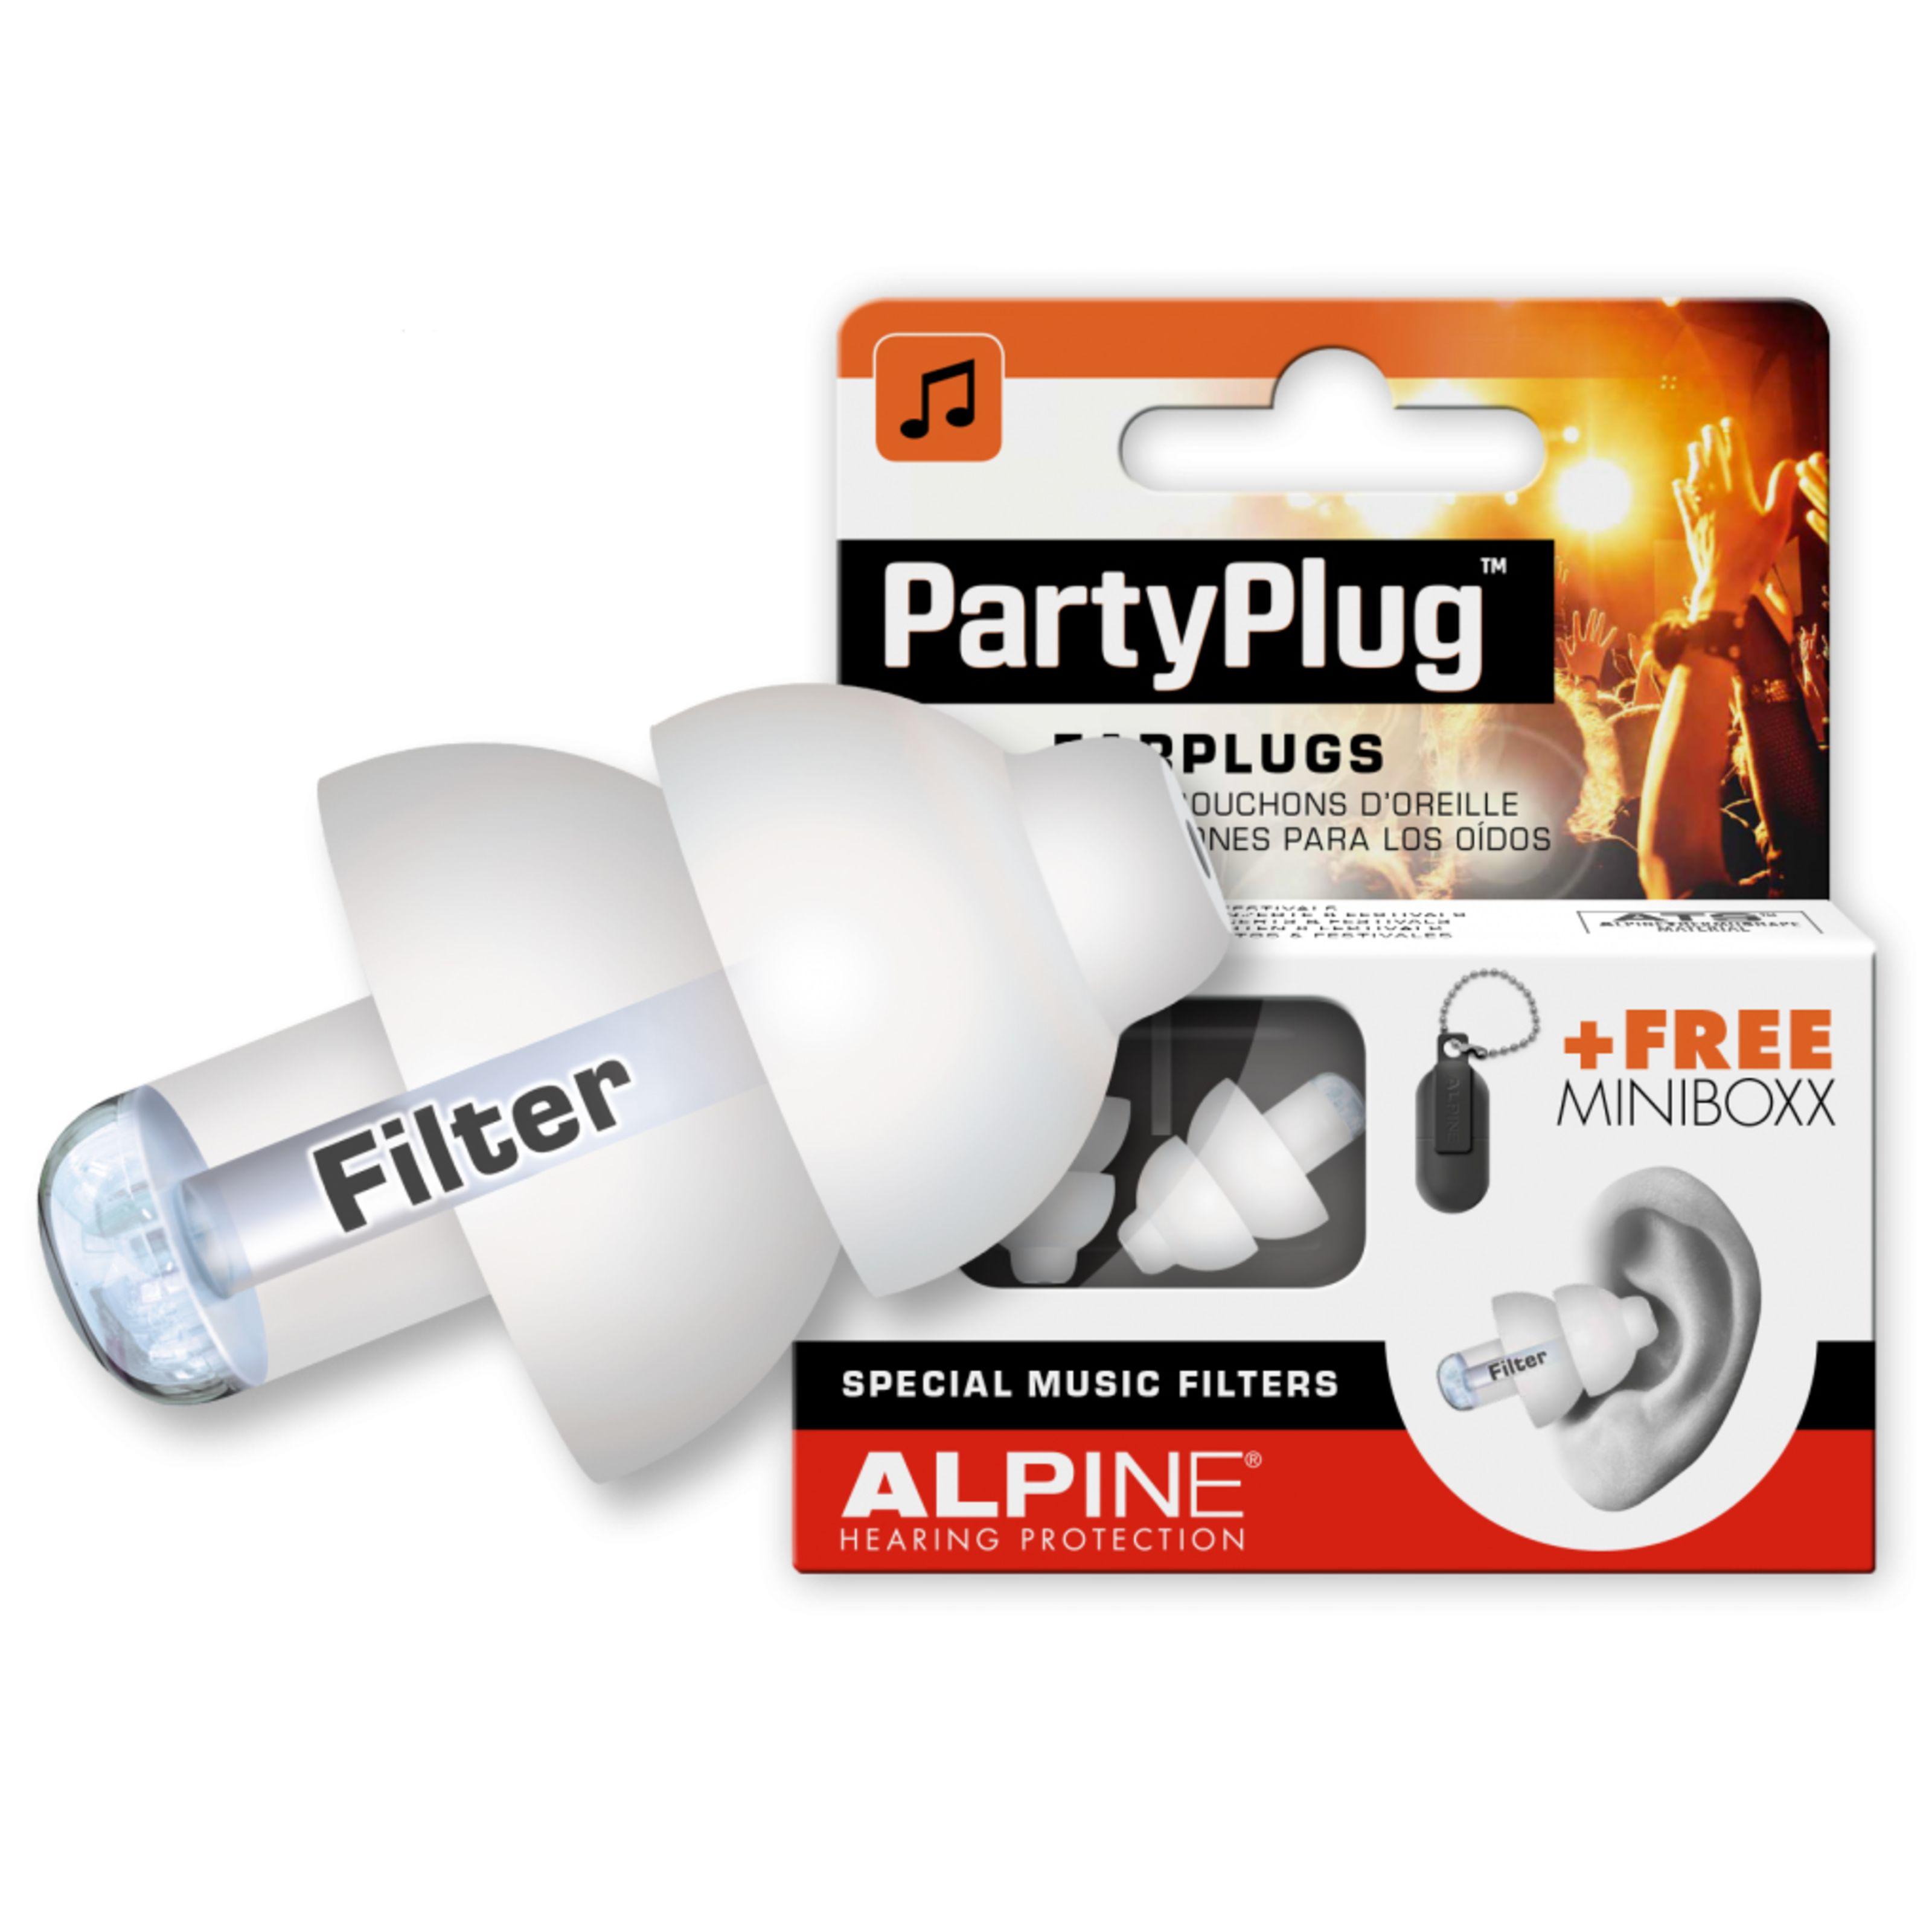 Alpine - PartyPlug Gehörschutz, White 111.21.650